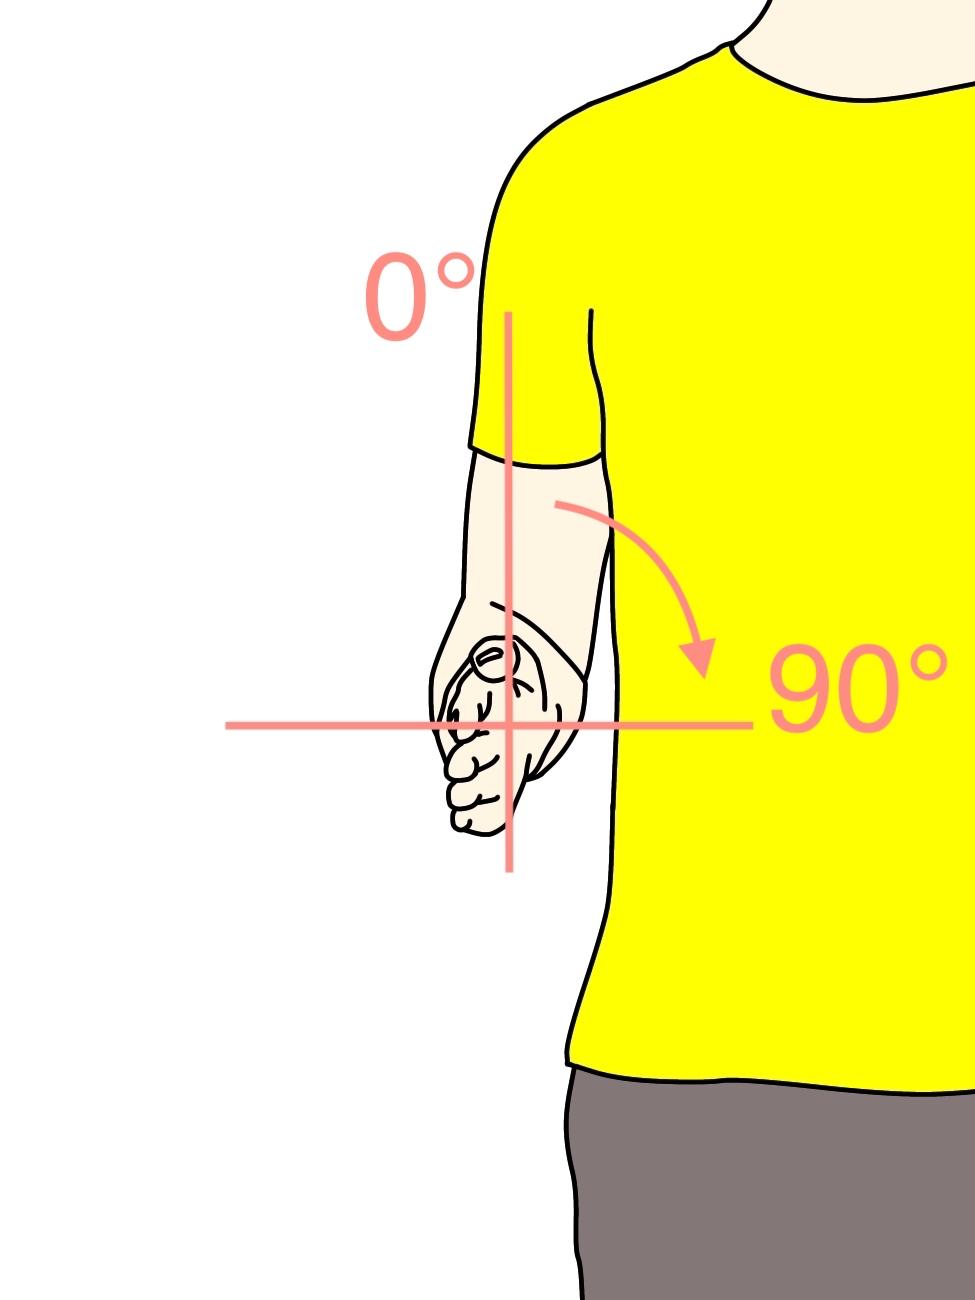 前腕(橈尺関節)の回内動作の関節可動域(ROM)と働く筋肉のまとめ